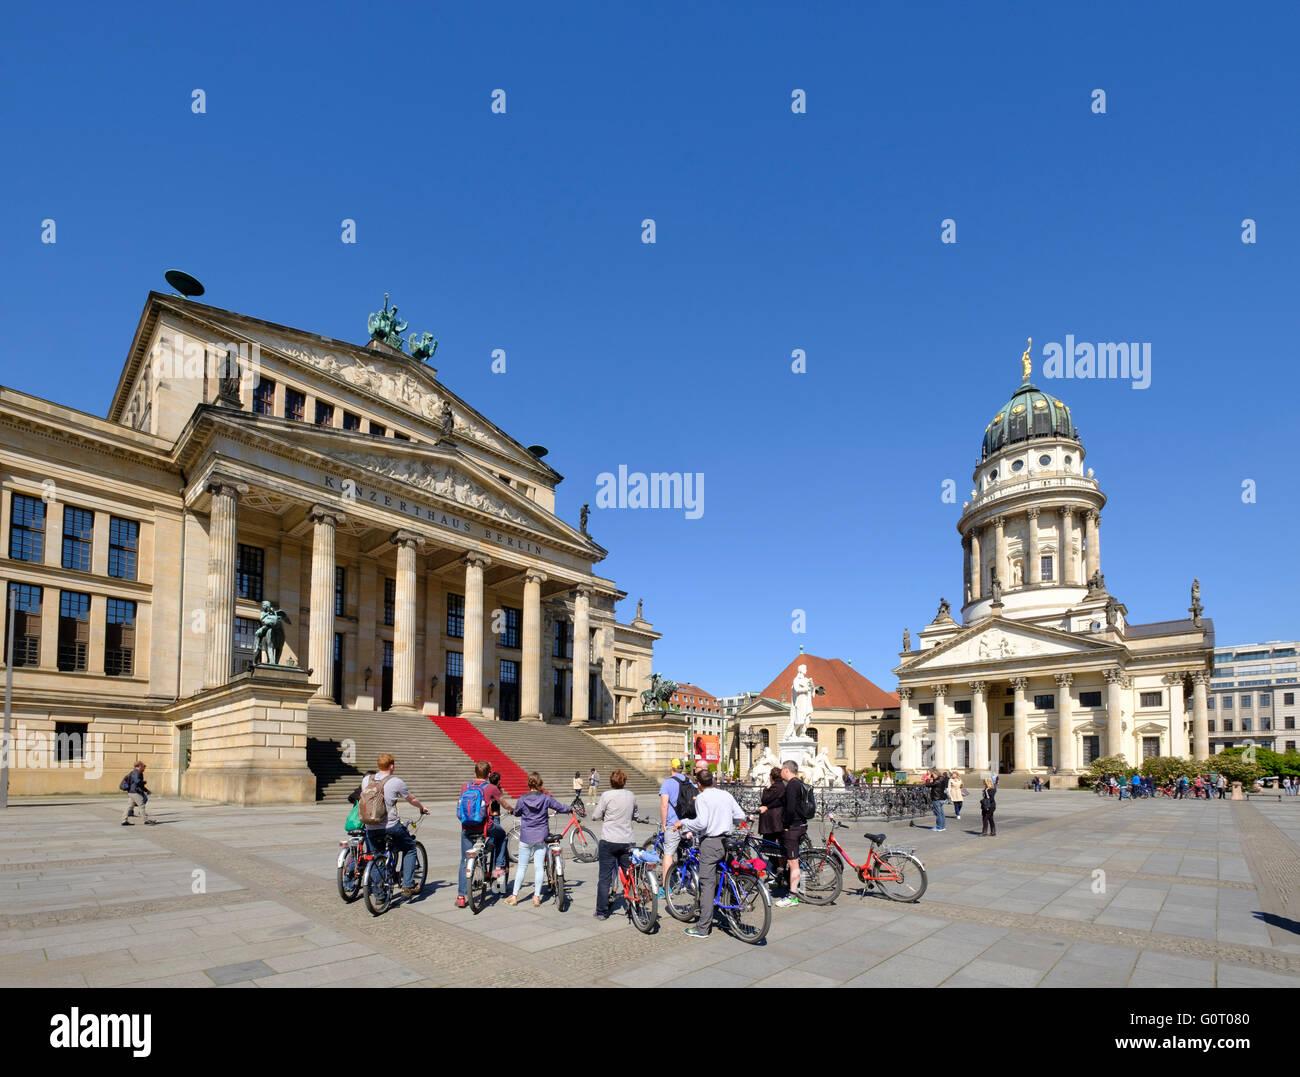 Vue sur la place Gendarmenmarkt avec Konzerthaus sur la gauche à Mitte Berlin Allemagne Photo Stock